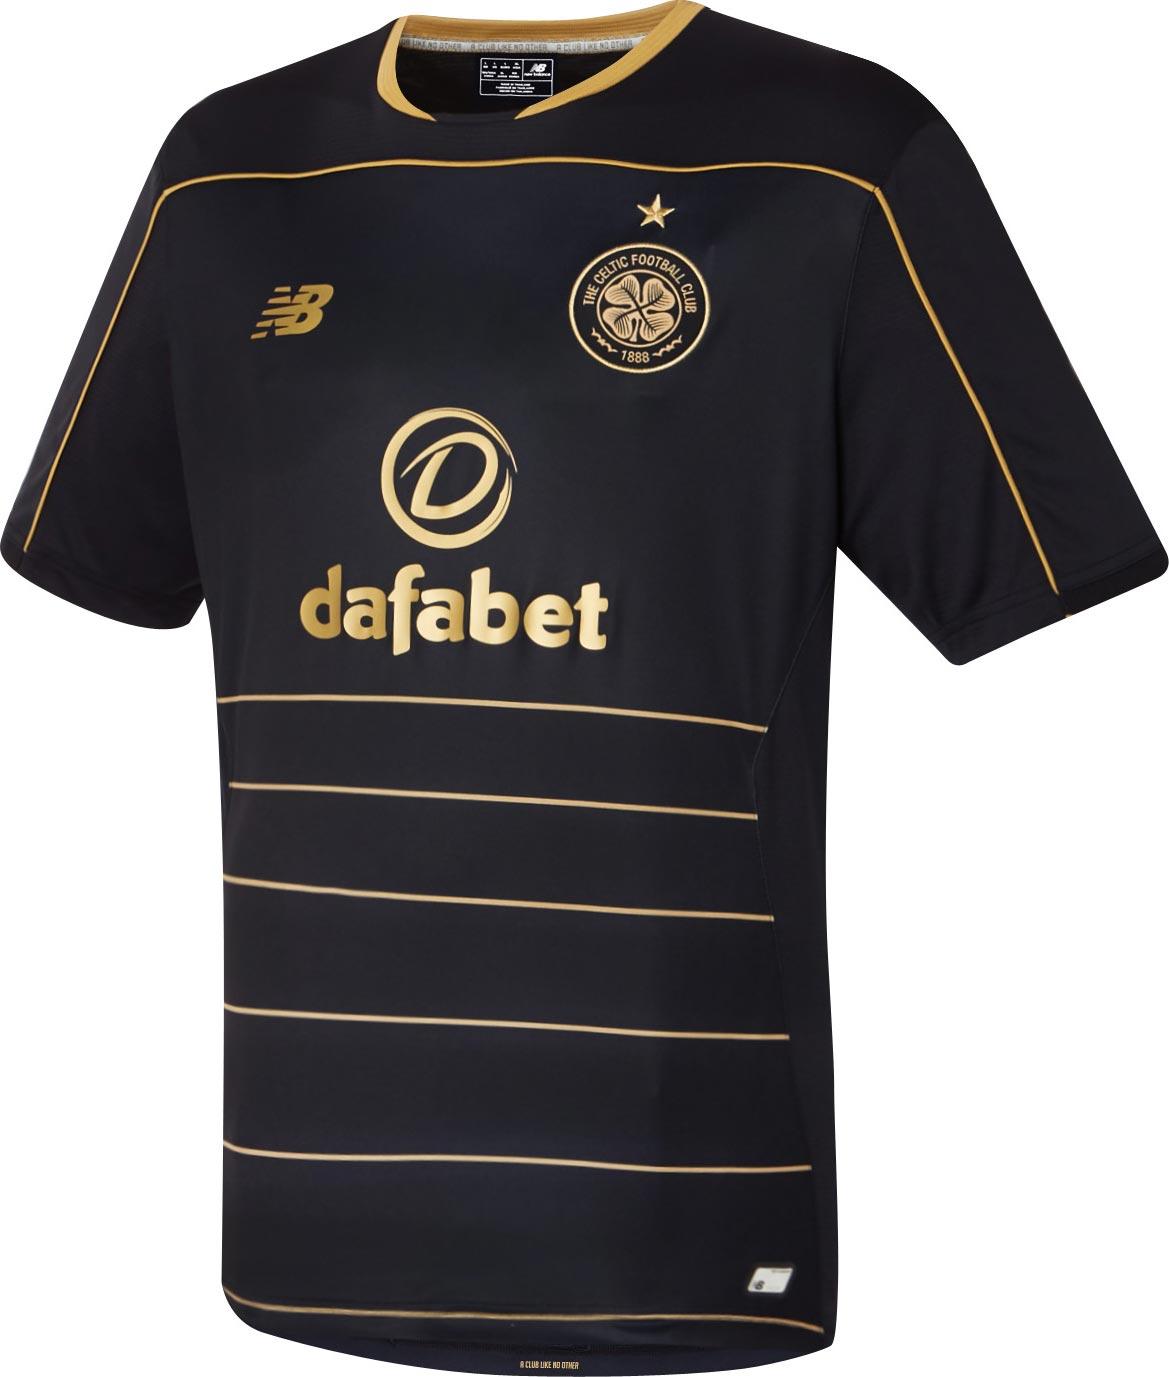 celtic-16-17-away-kit-front